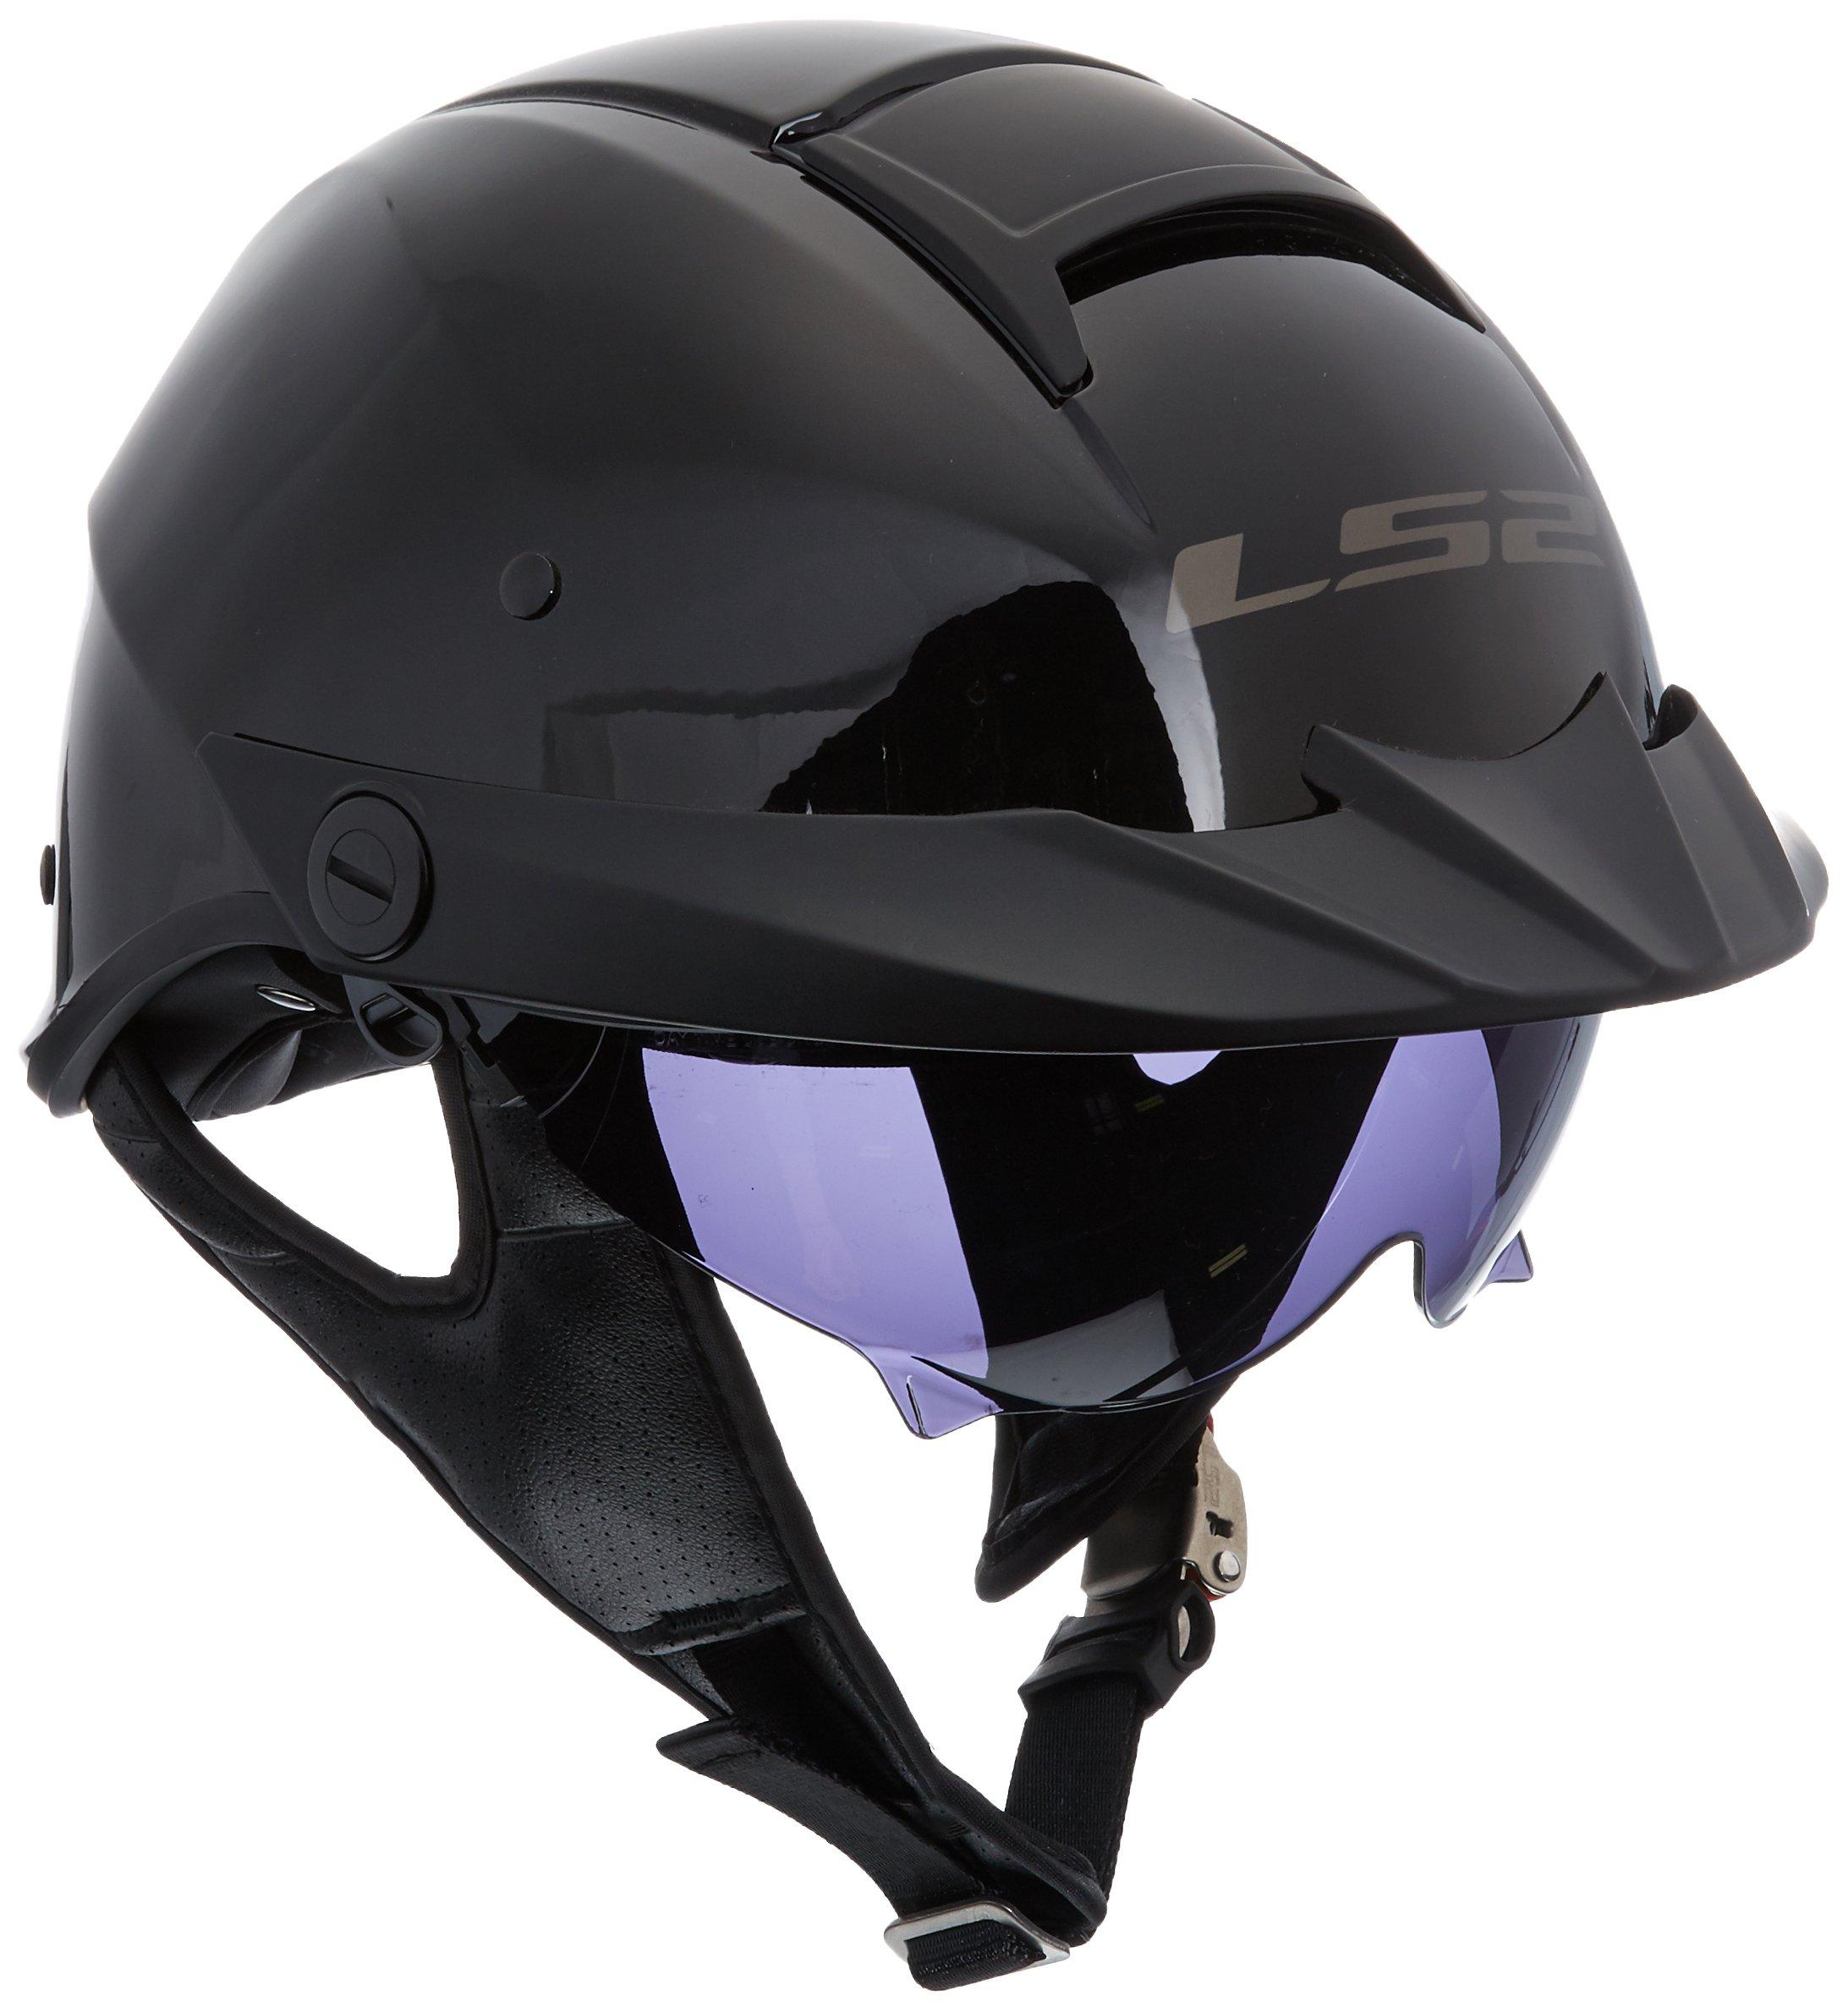 LS2 Helmets Rebellion Unisex-Adult Half Helmet Motorcycle Helmet (Gloss Black, Medium)